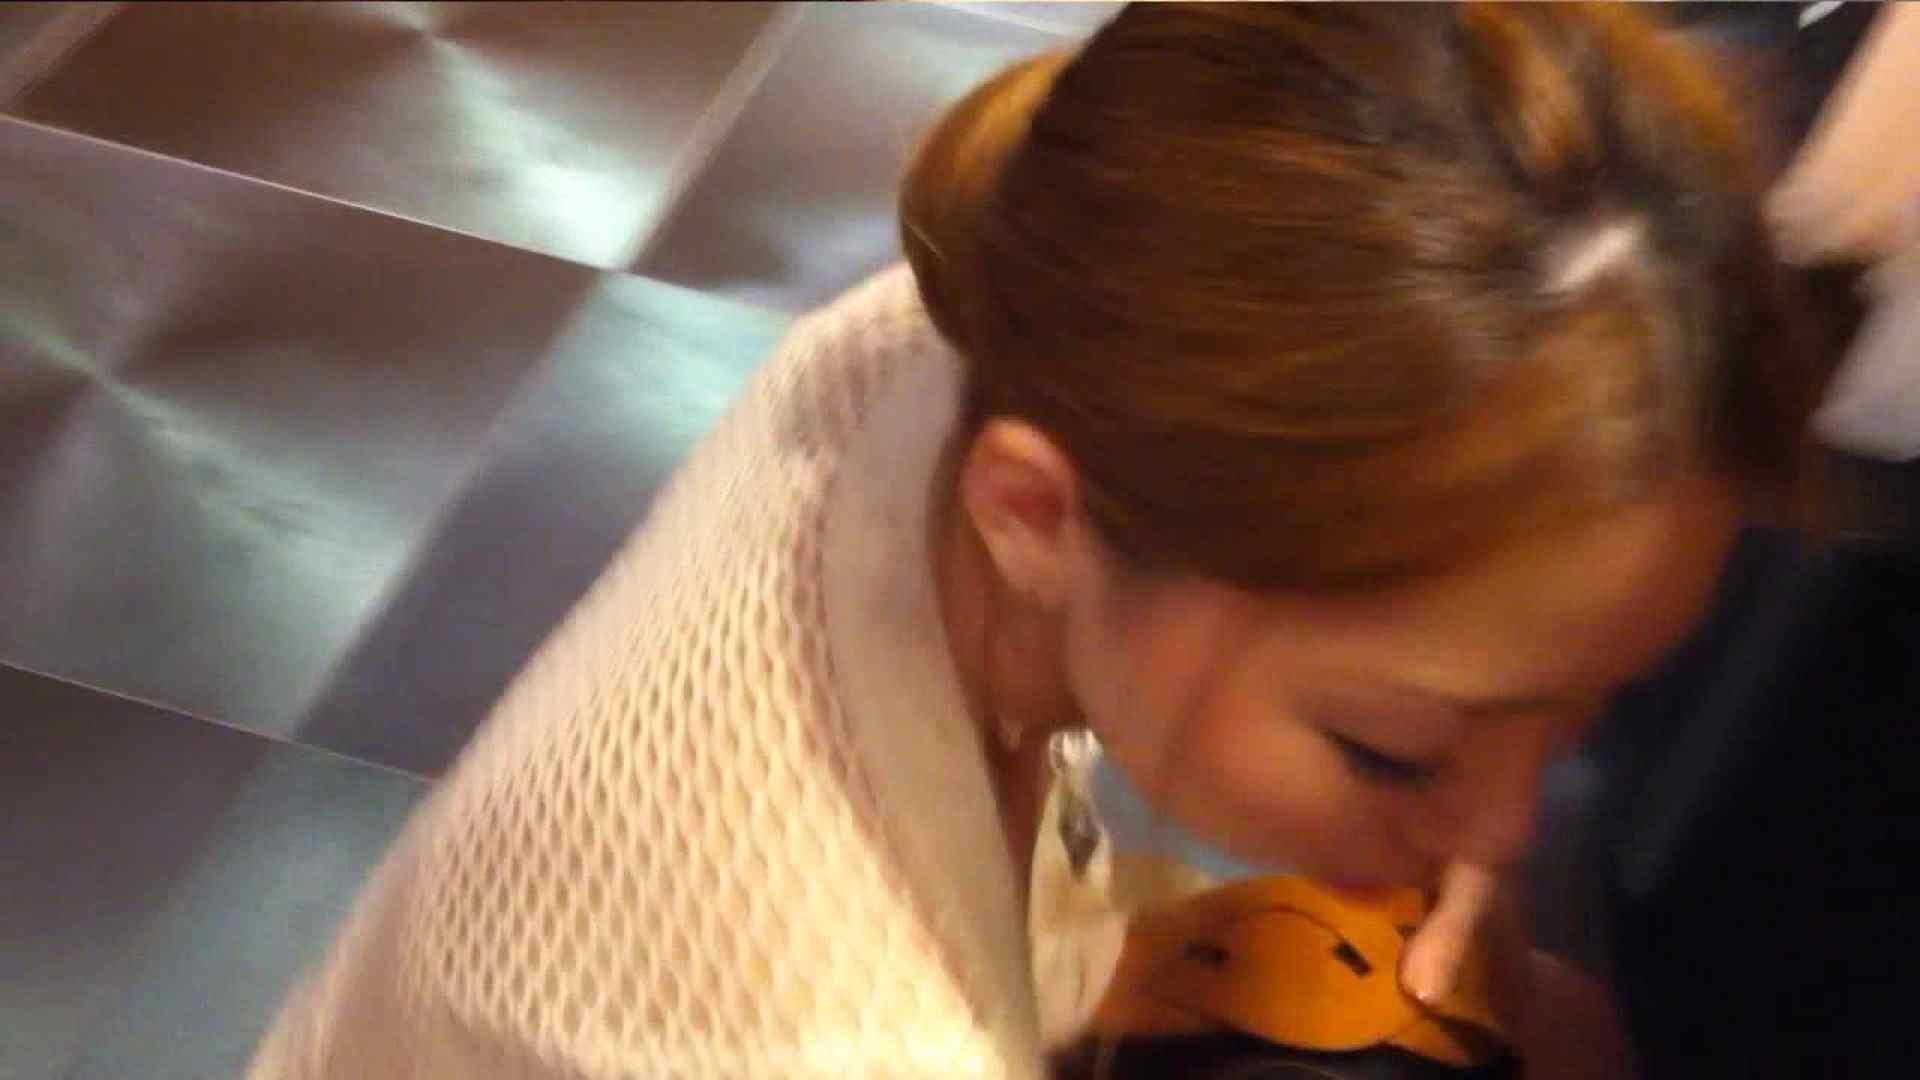 可愛いカリスマ店員限定‼胸チラ&パンチラ vol.10 パンチラのぞき オマンコ無修正動画無料 99画像 87